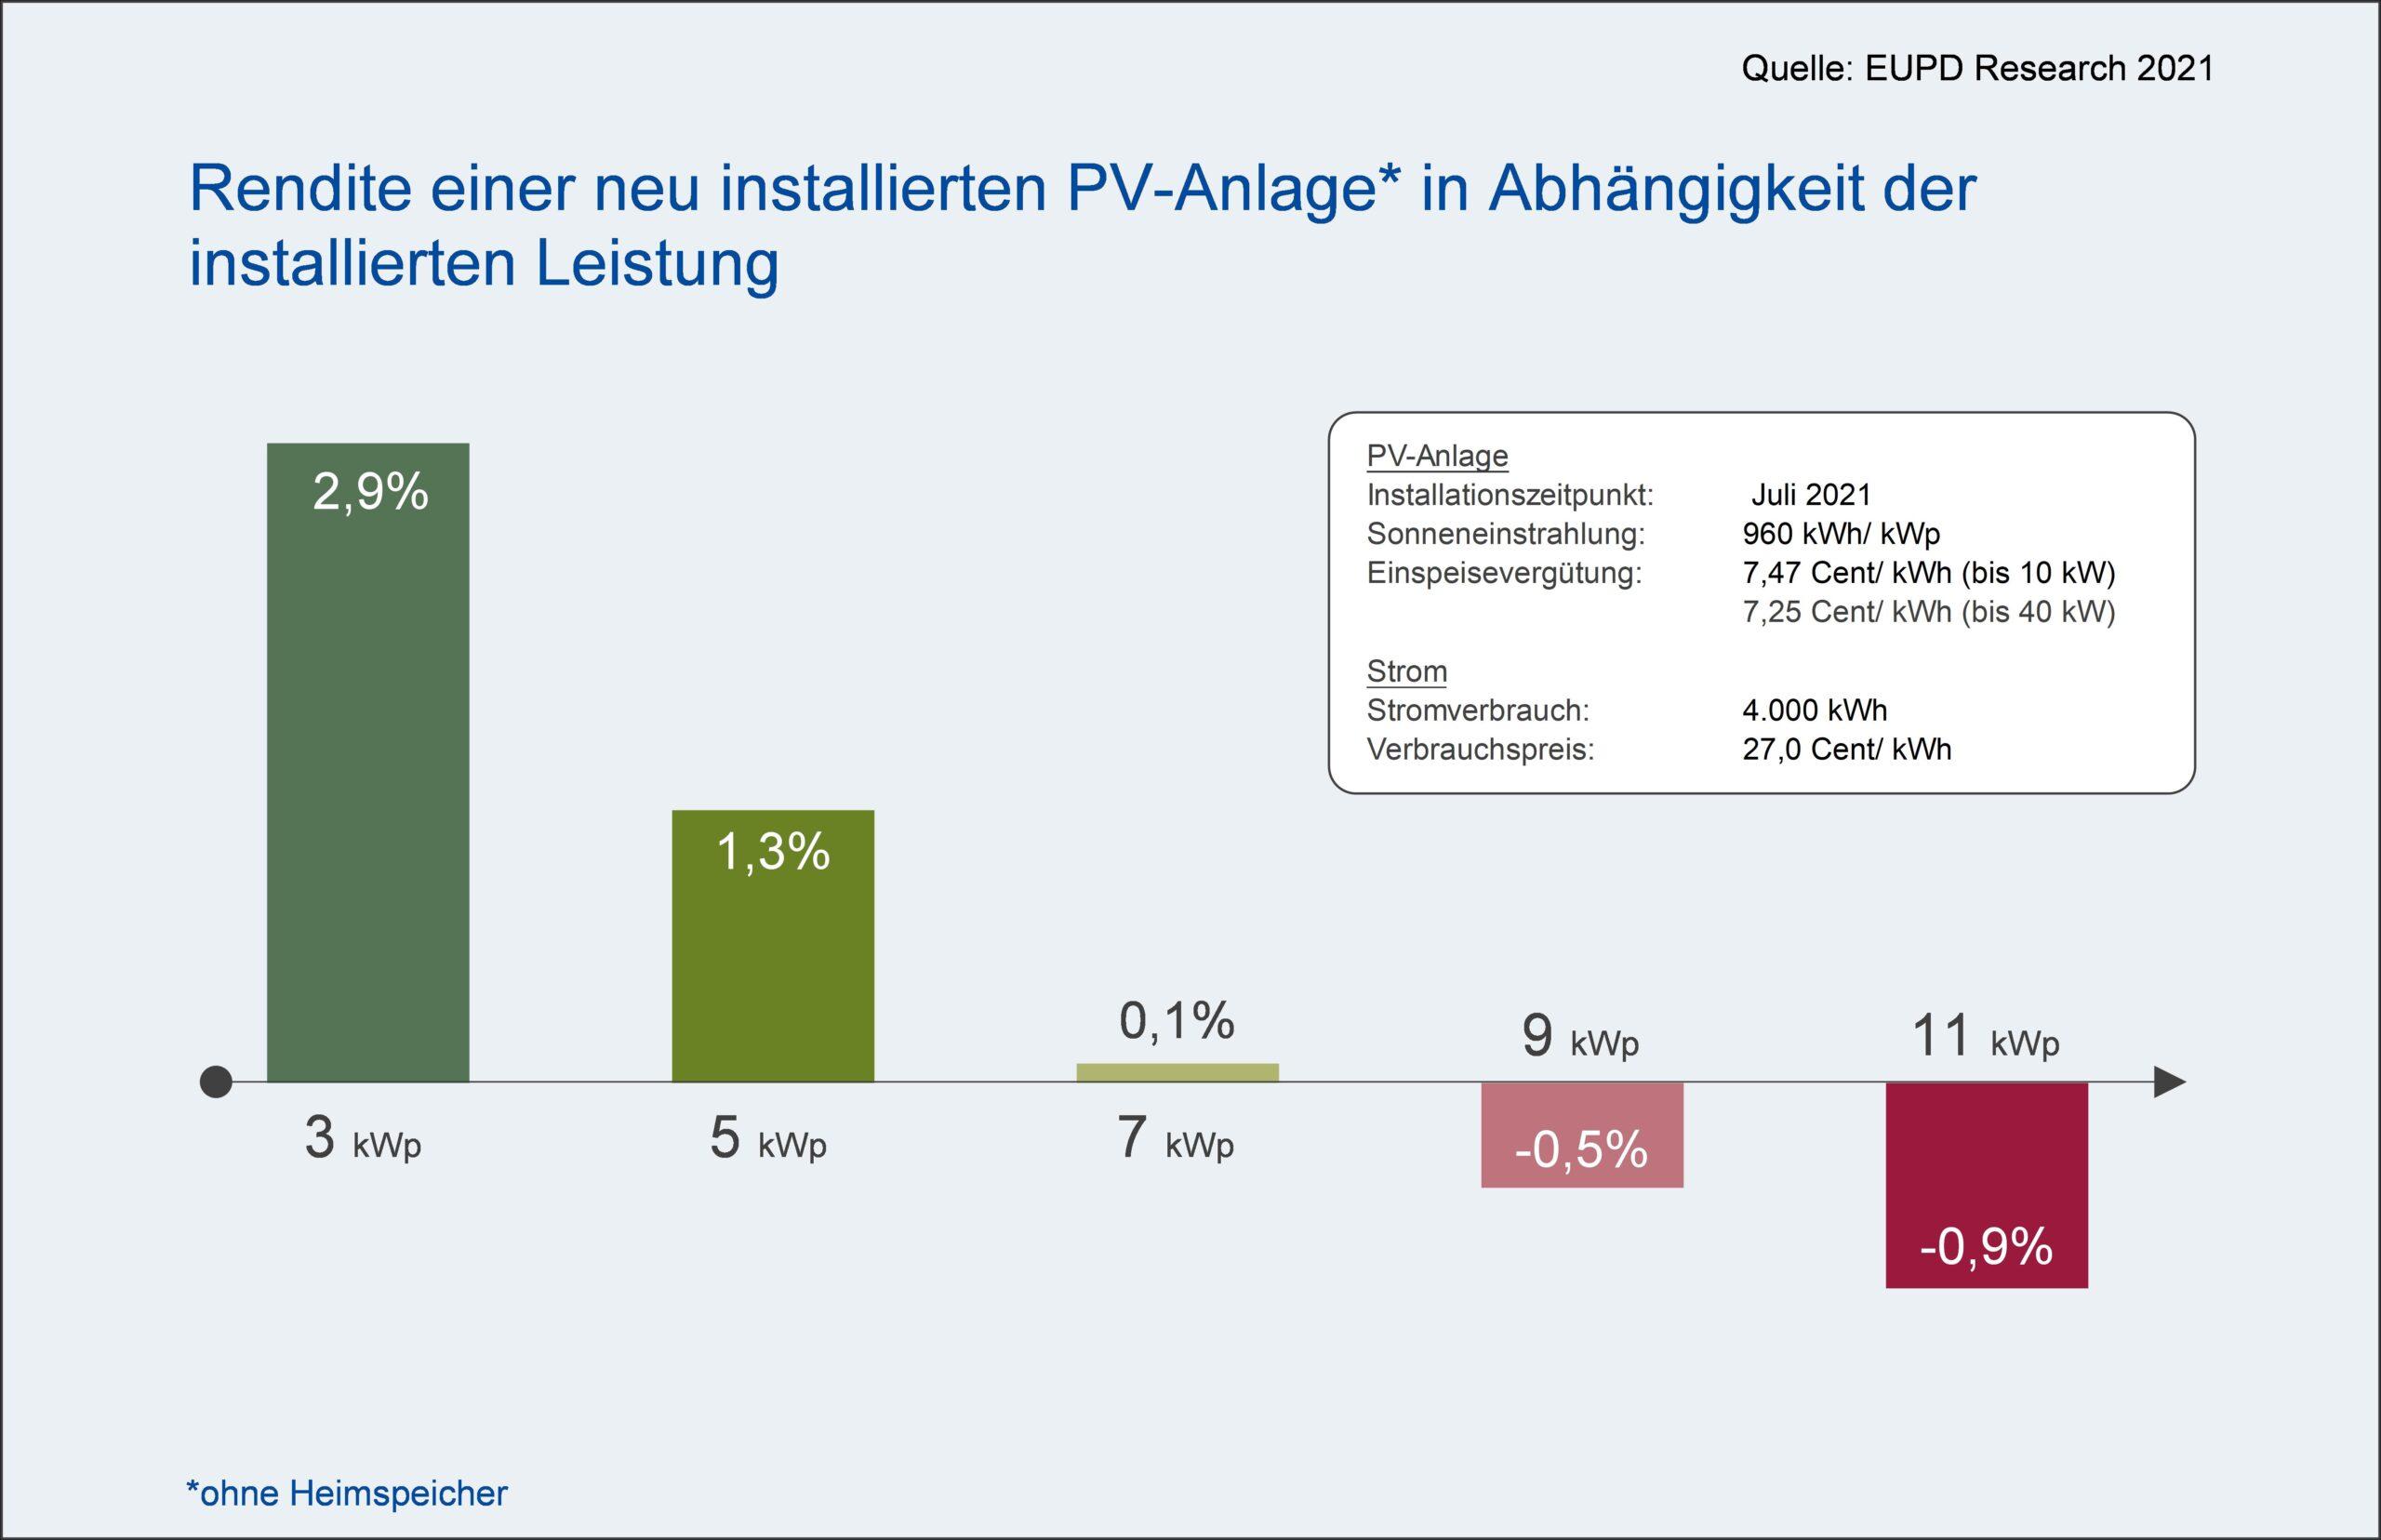 Rendite einer neu installierten PV-Anlage nach installierter Leistung